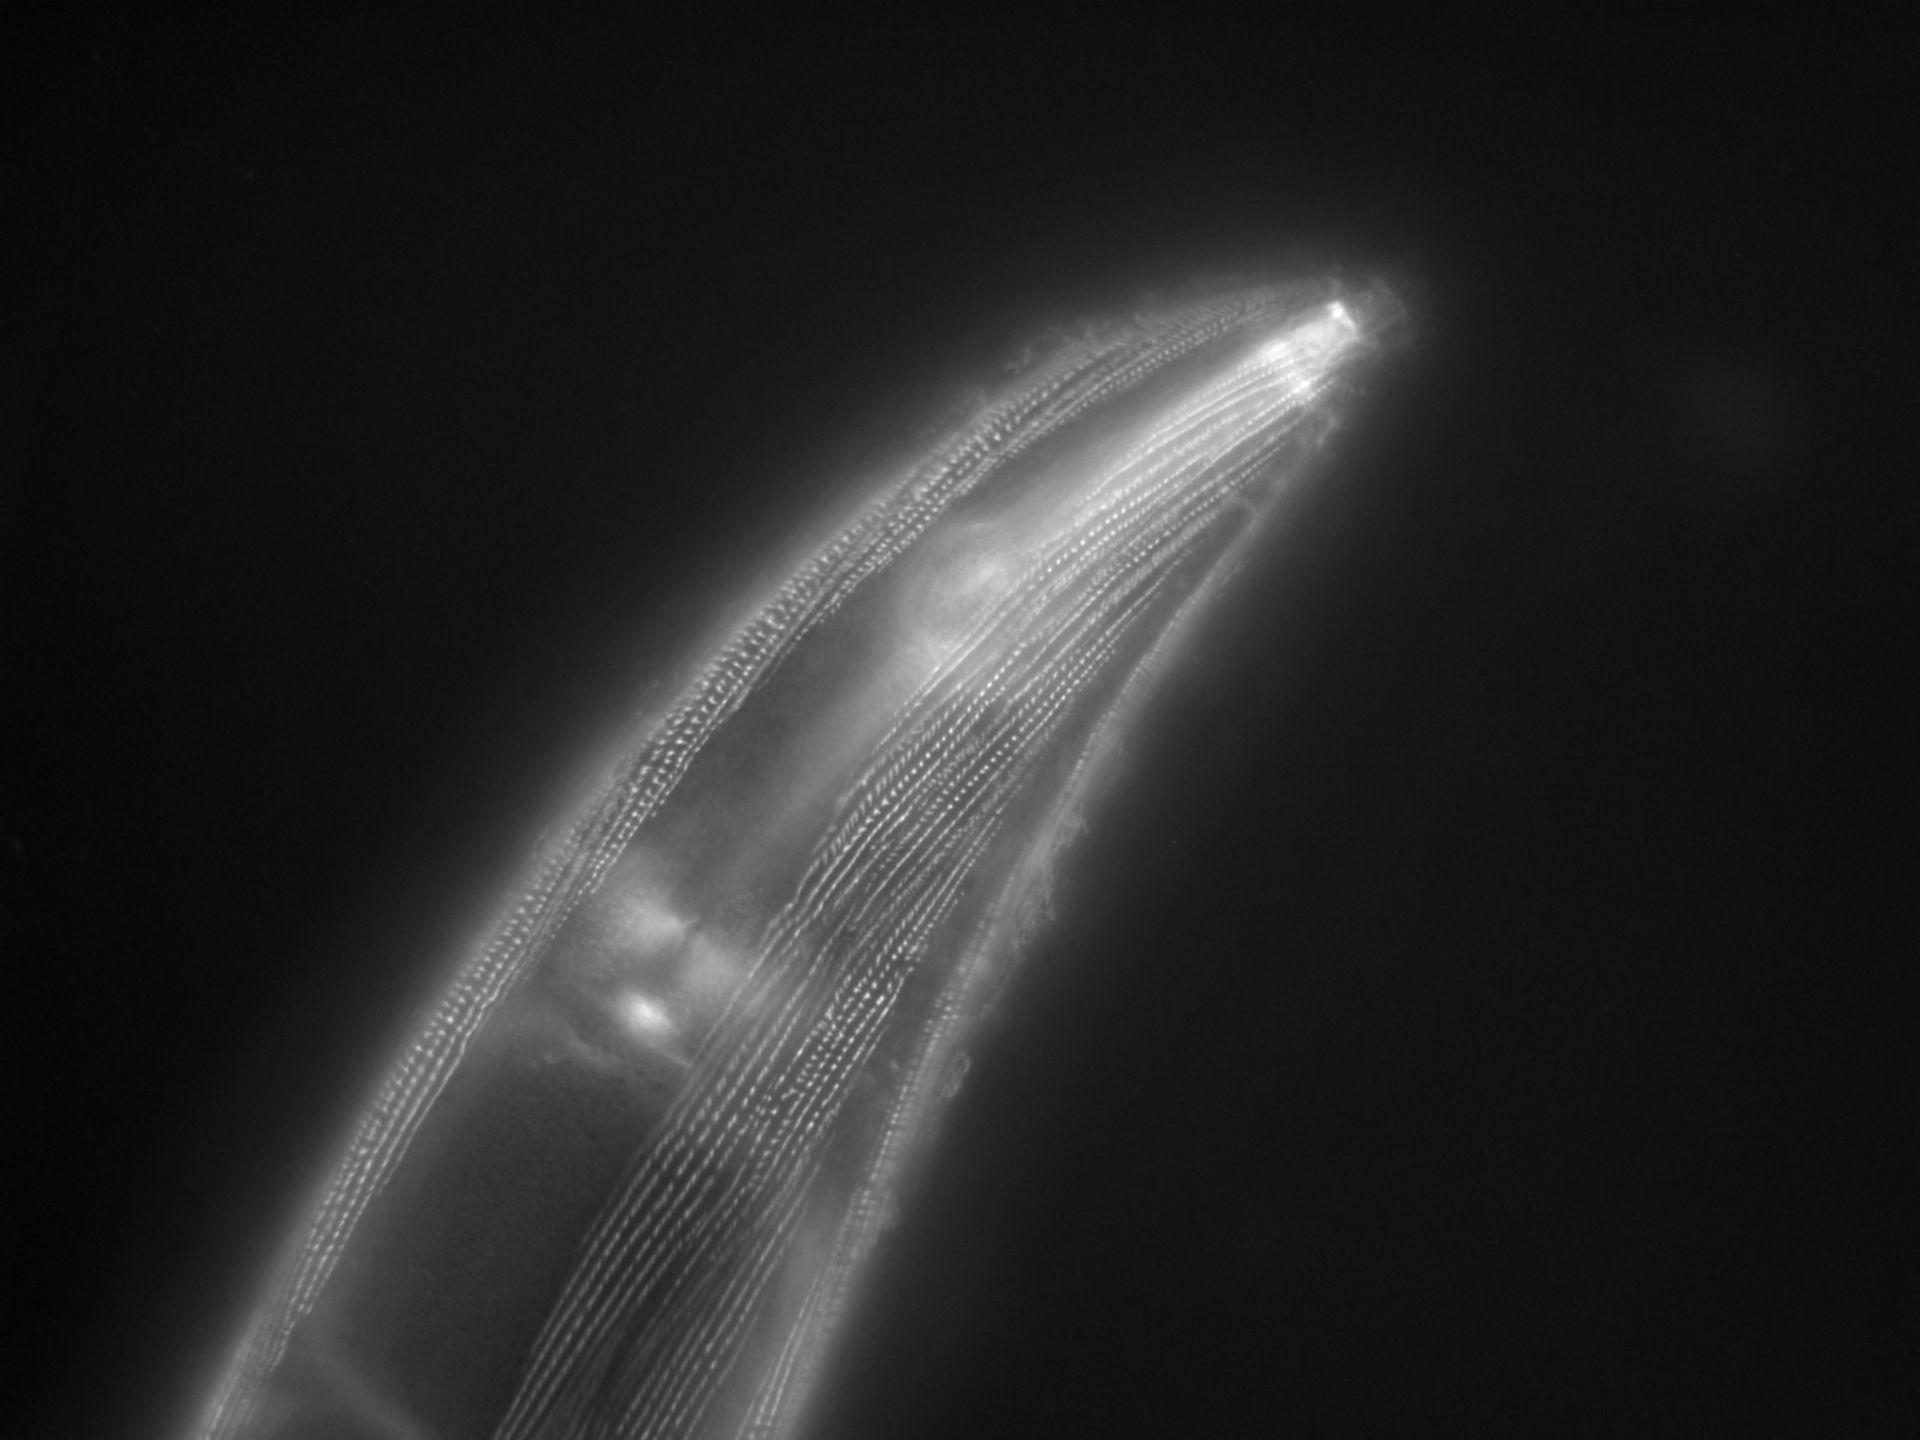 Caenorhabditis elegans (Actin filament) - CIL:1173